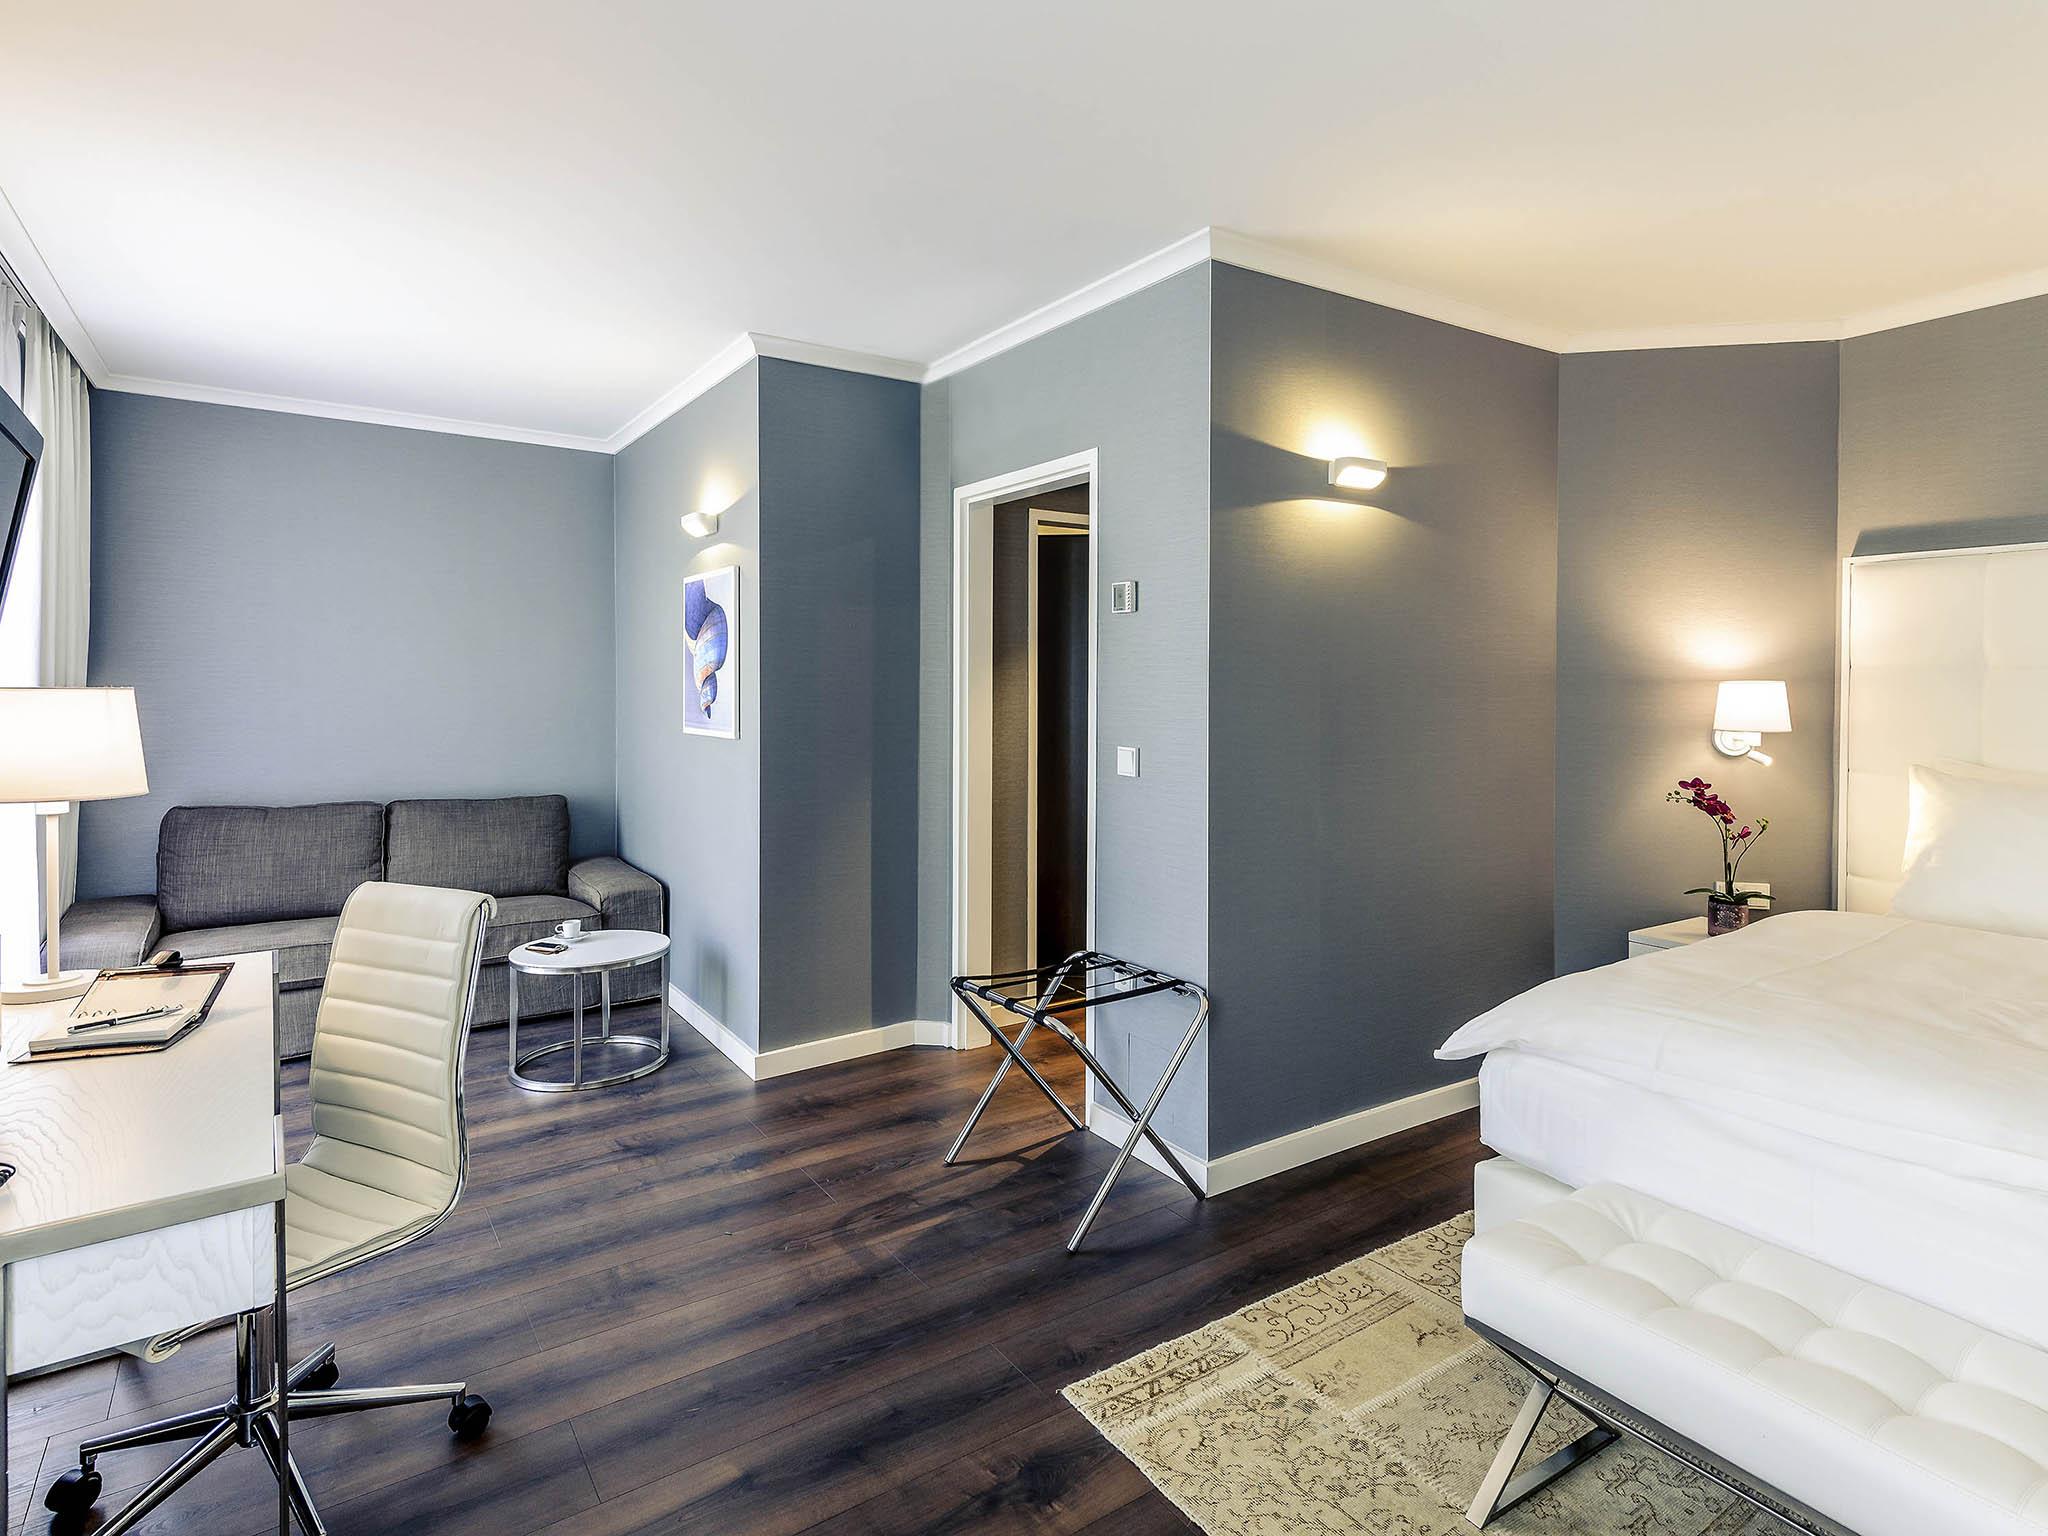 ホテル – メルキュール ホテル ラファエル ウィーン